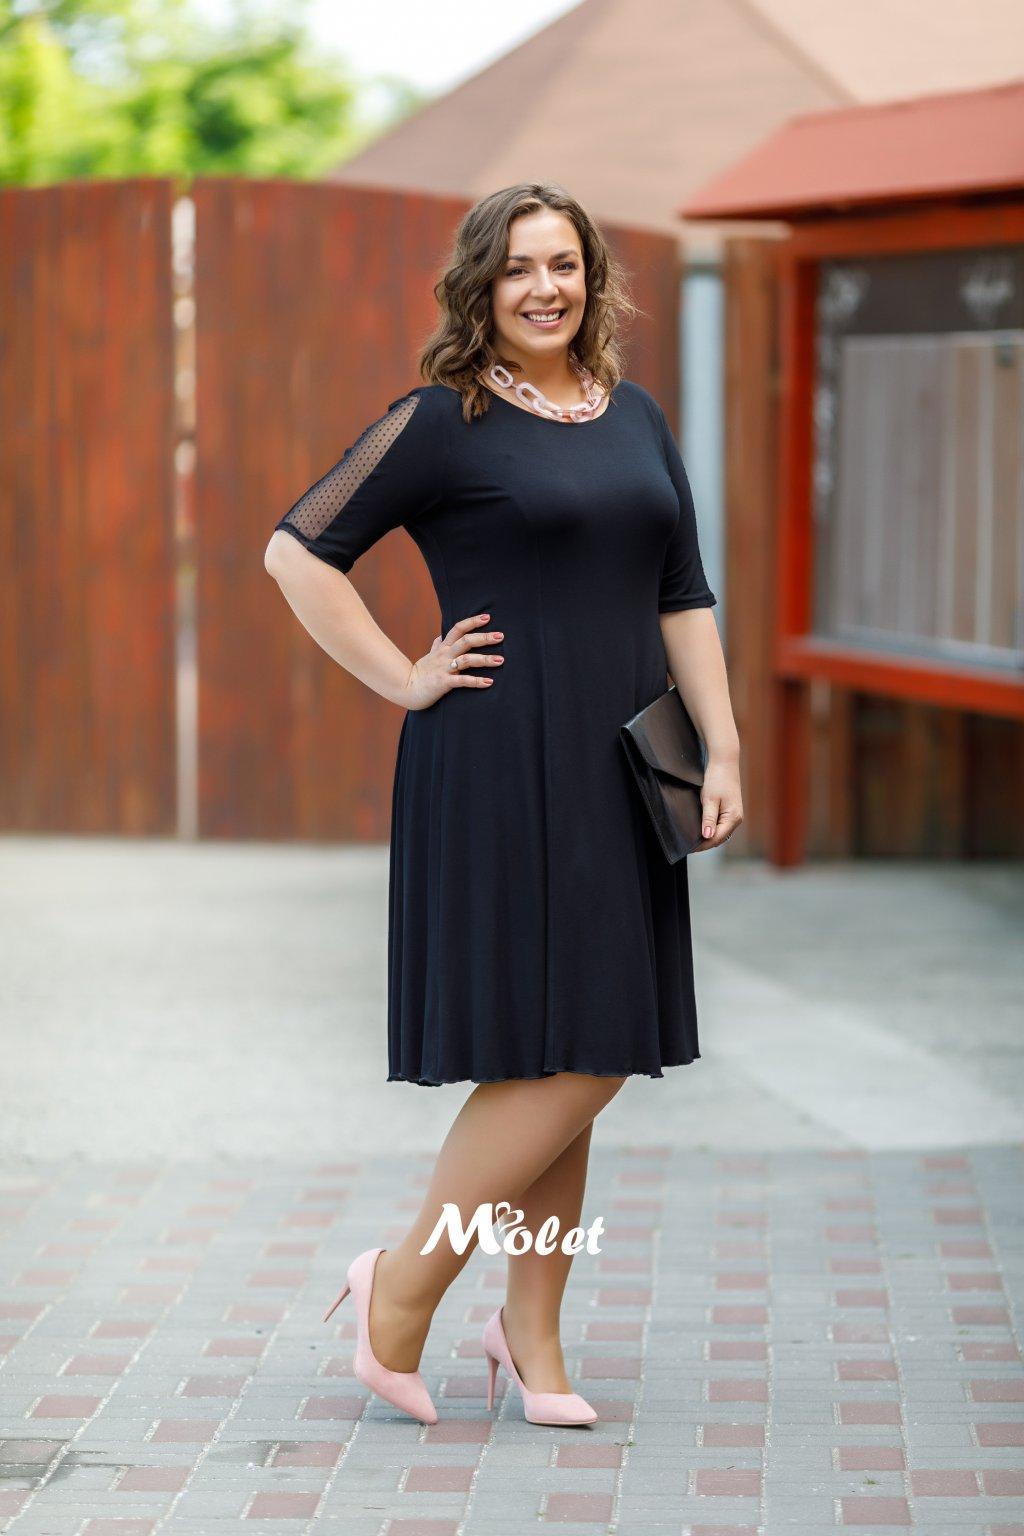 Zoe černé šaty s ozdobnými rukávy